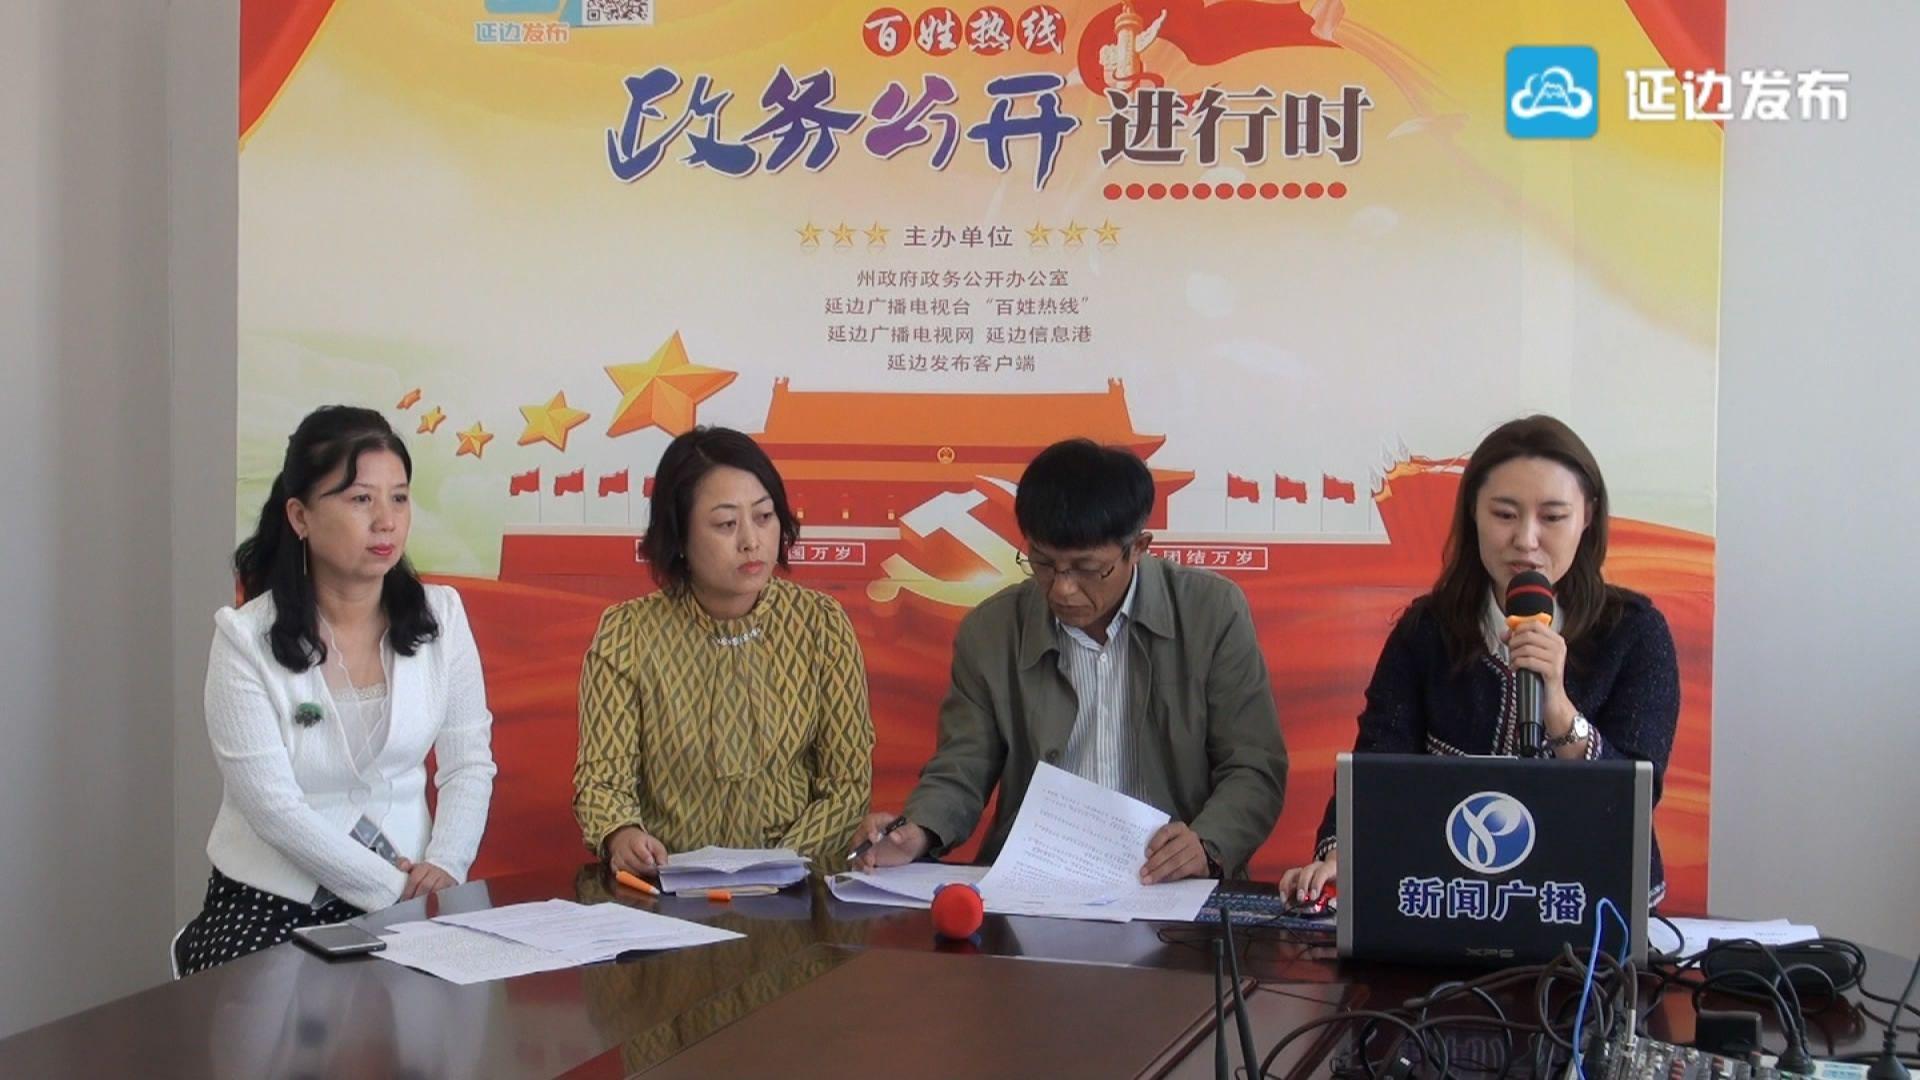 延吉市民族宗教局做客百姓热线政务公开进行时